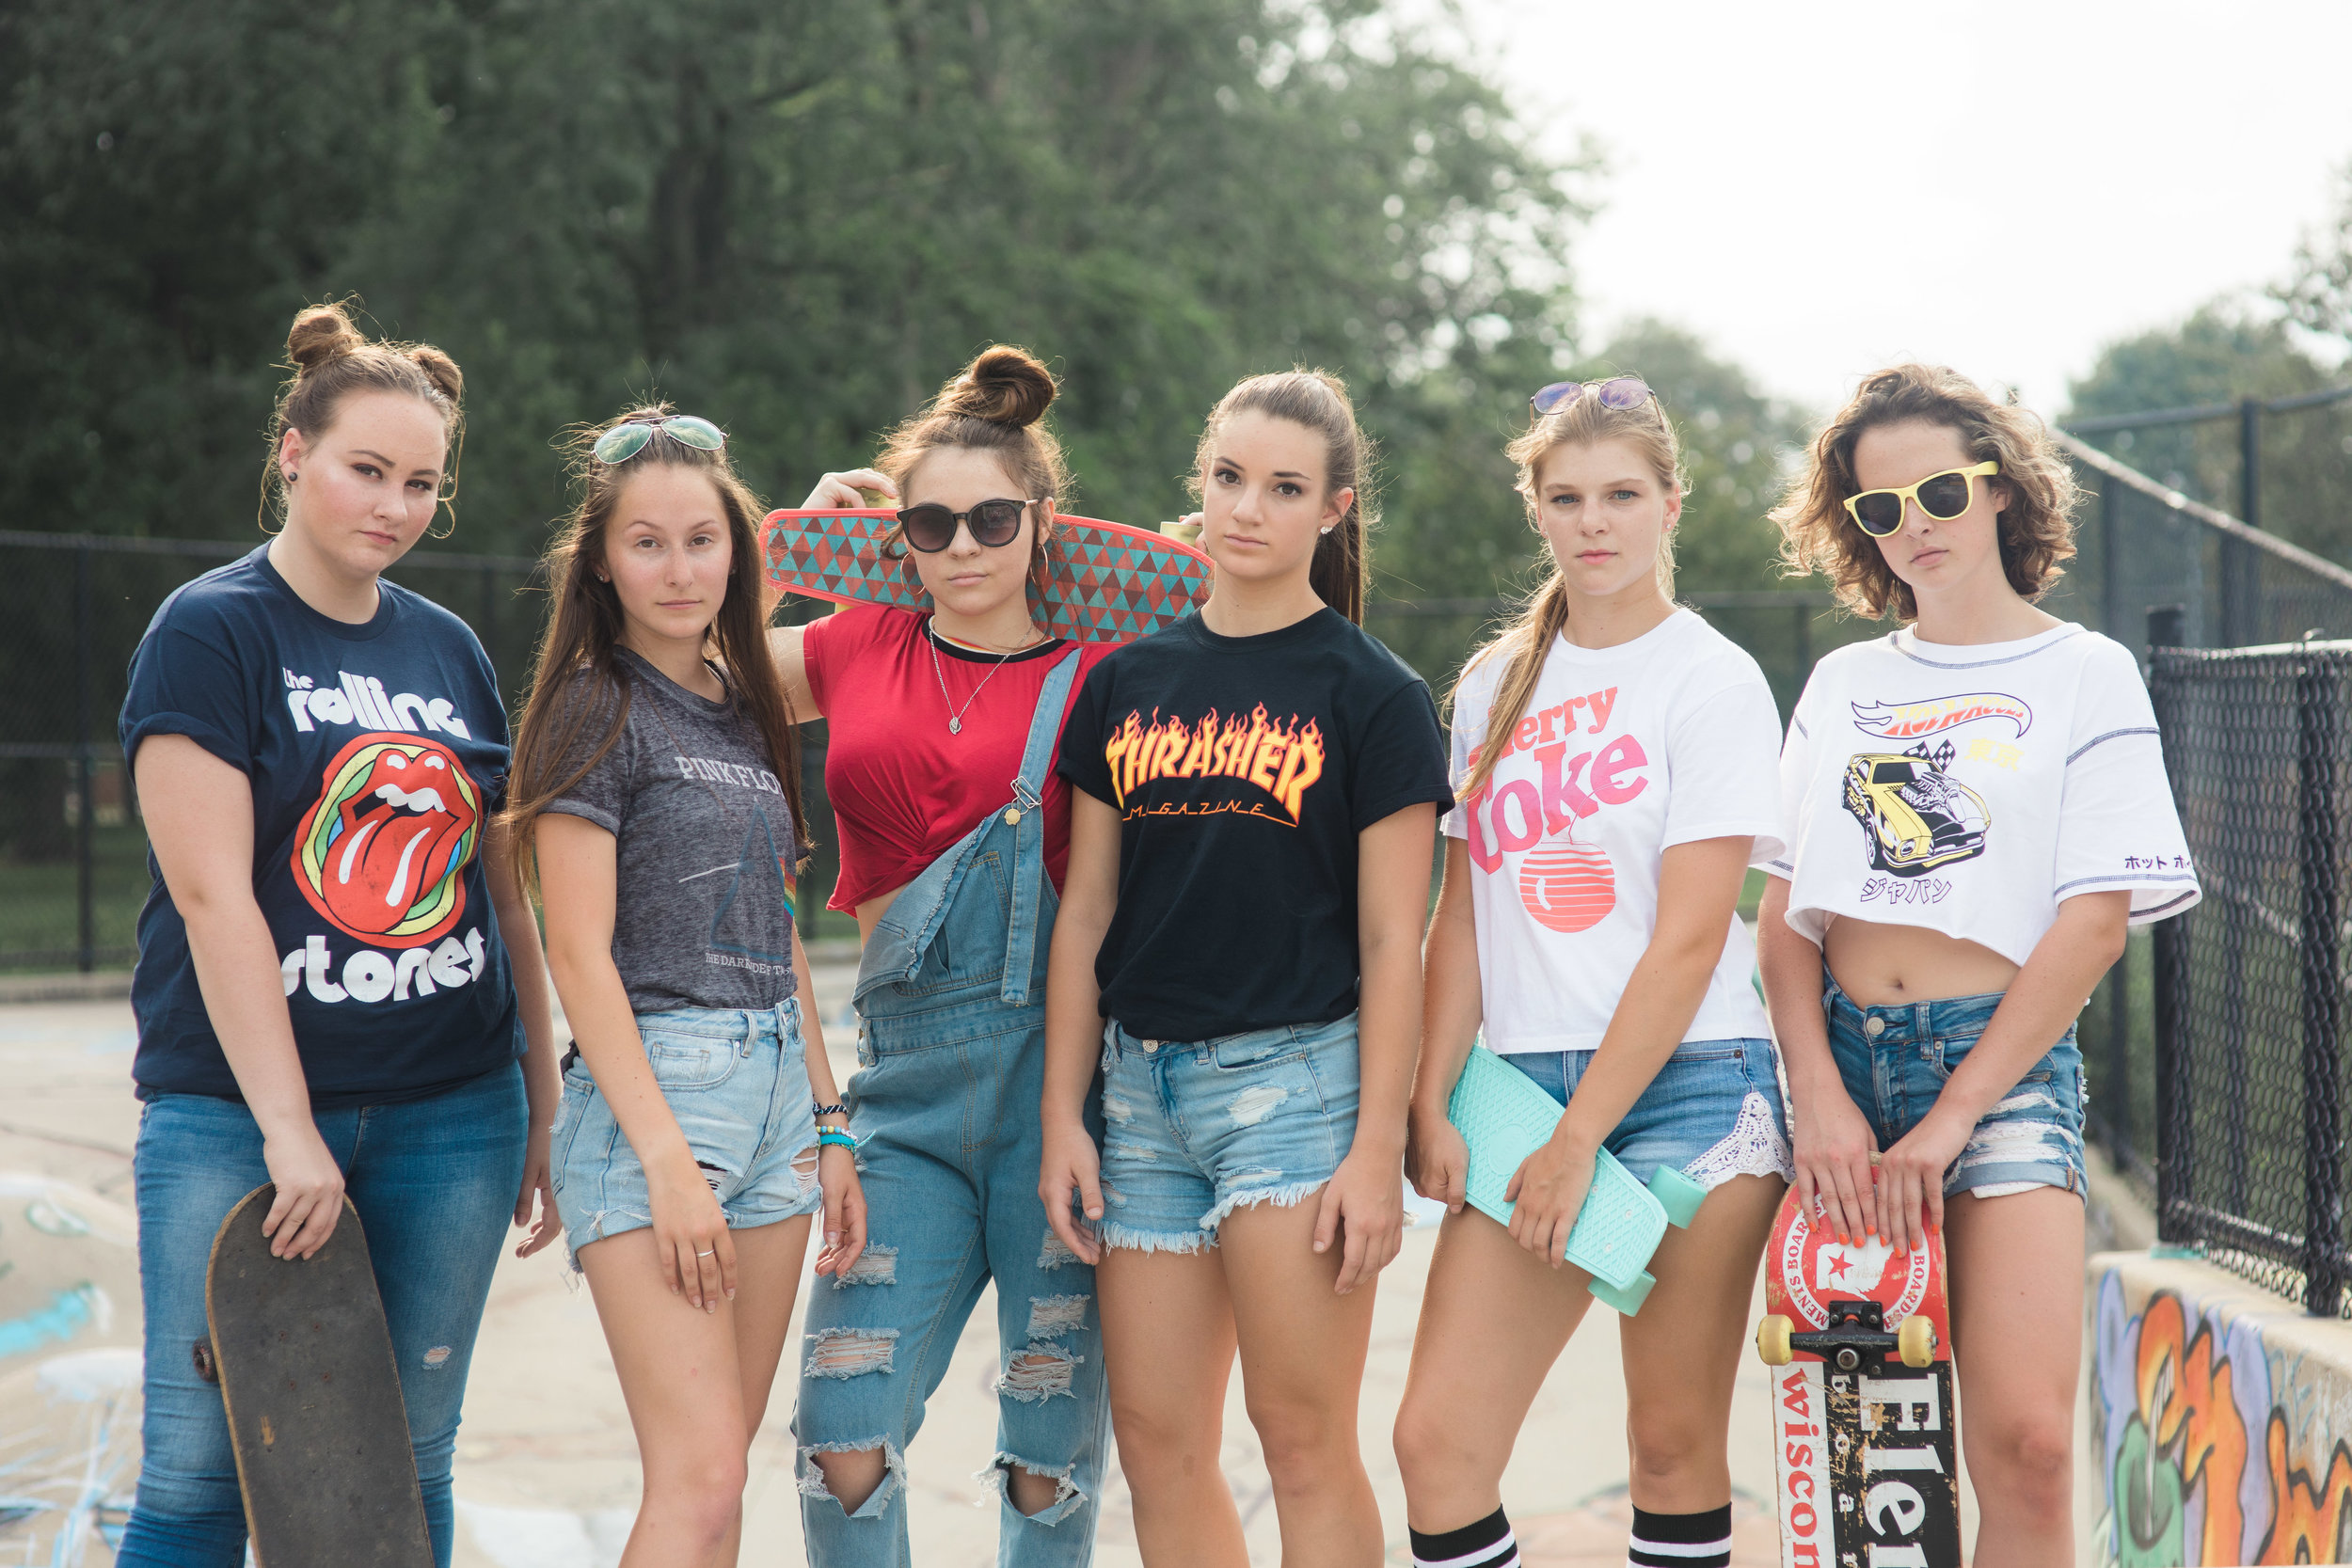 PRINT 2018.08.19 Skatepark {Styled Shoot} (170 of 184)0170.jpg